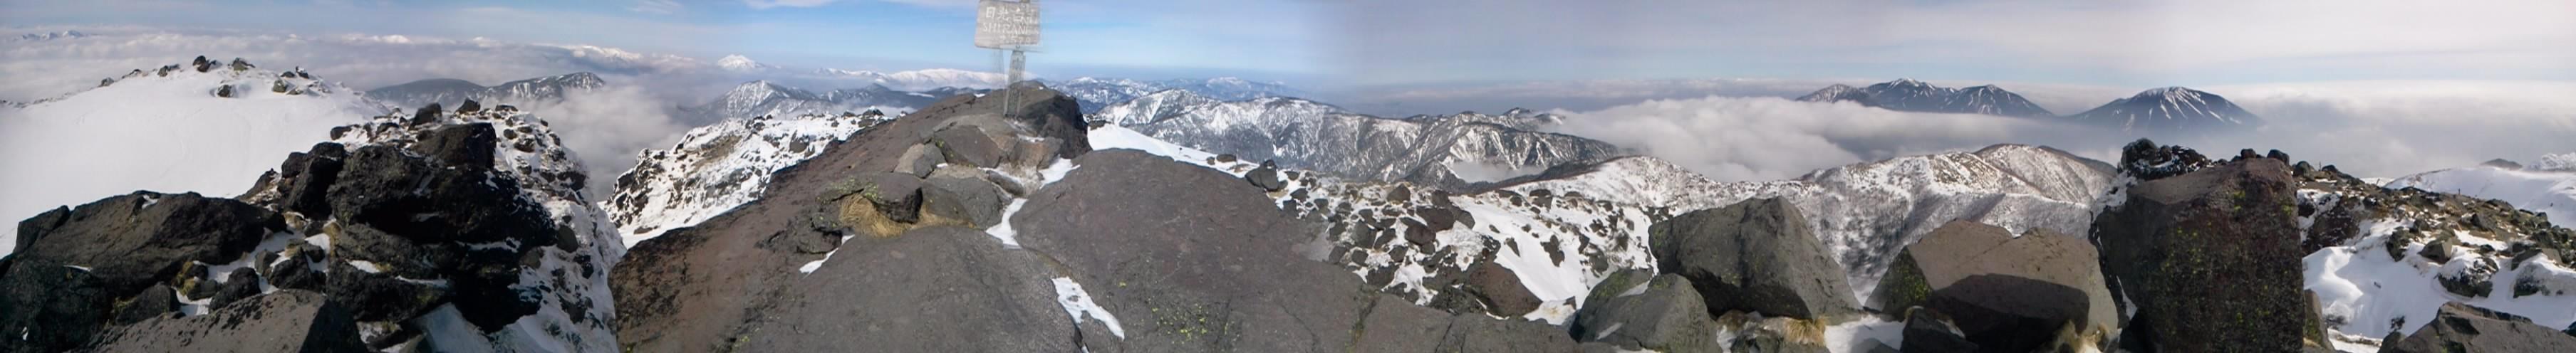 -------- 元のメッセージ --------件名: 日光白根山From: Sato <ai@yamanba.net>To: ai@yamanba.netCc: 2011/2/6 丸沼高原スキー場からゴンドラを利用して、奥白根山に、行ってきました。天候も良く、トレースもしっかりあり、予定通りの山行でした。山頂は風が強く立っているのもやっとでした。by ゲストさん